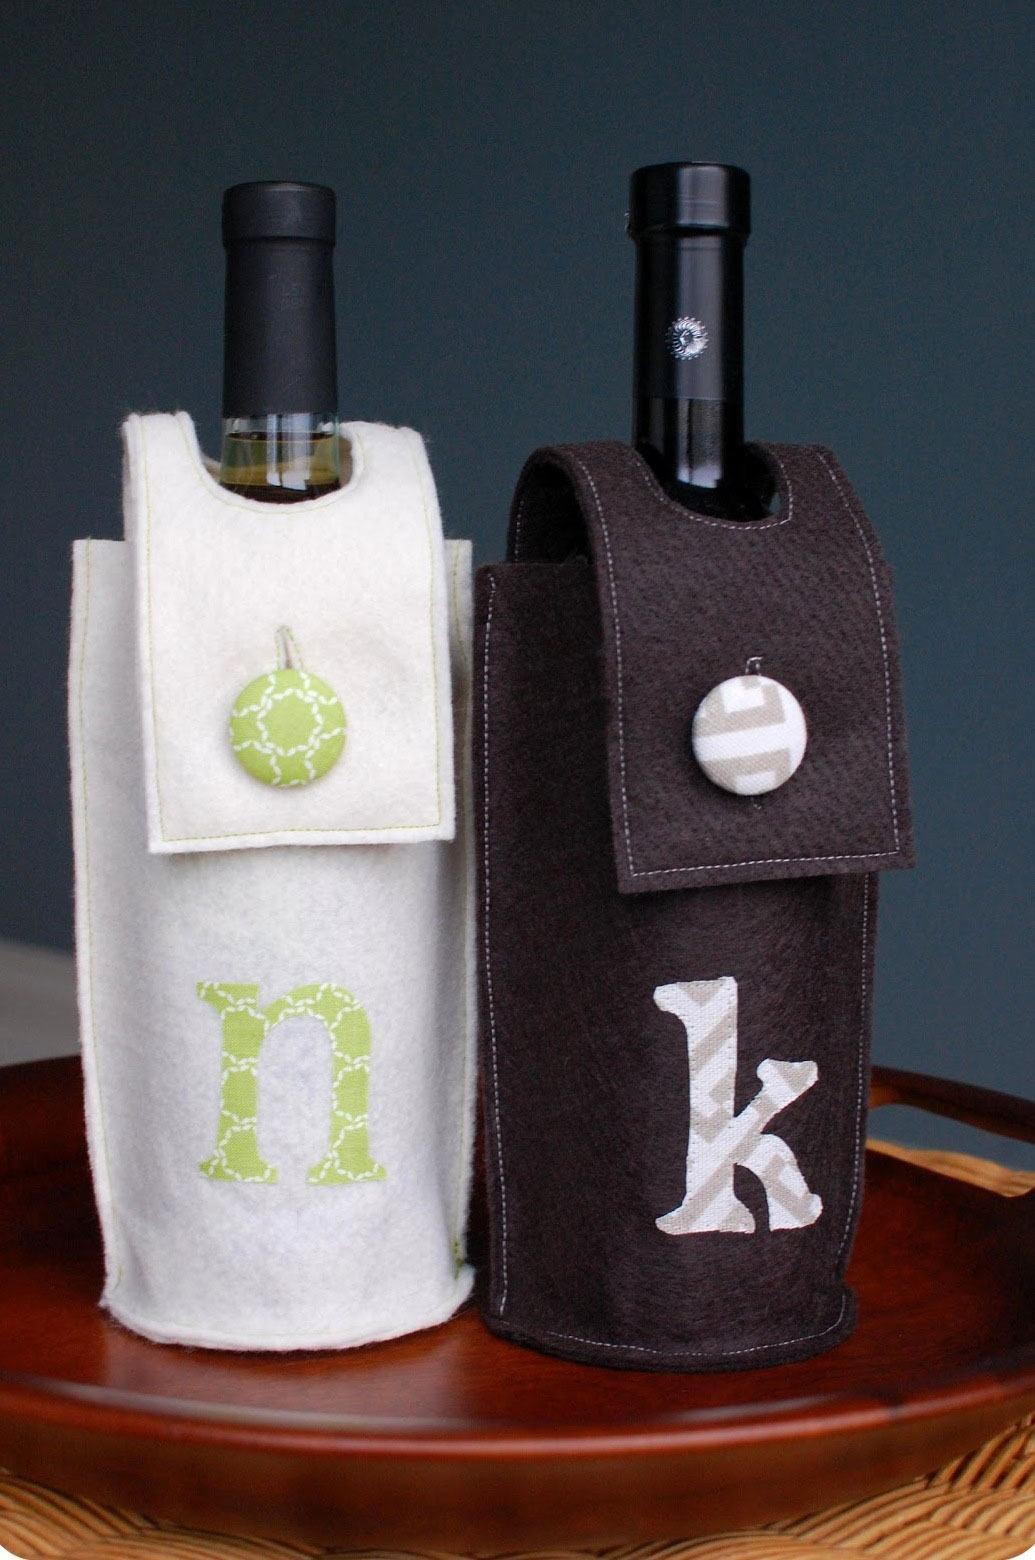 Embalagens de feltro para colocar garrafas de vinho